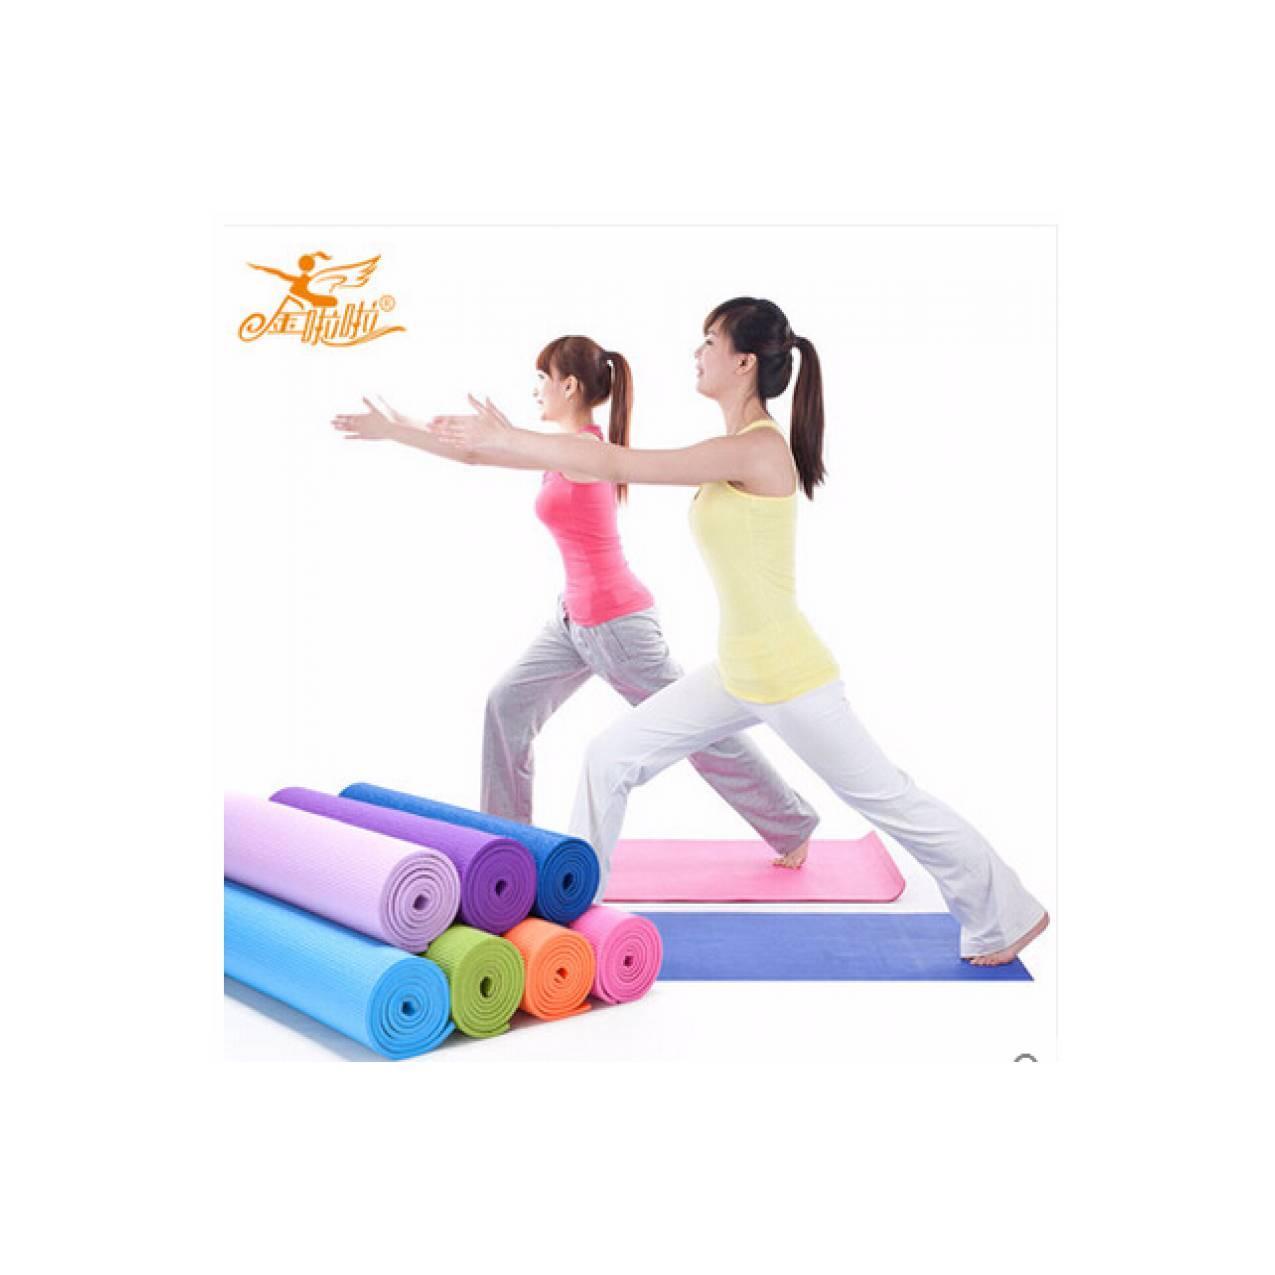 Jual Matras Yoga Gratis Tas Alas Yoga Tikar Yoga